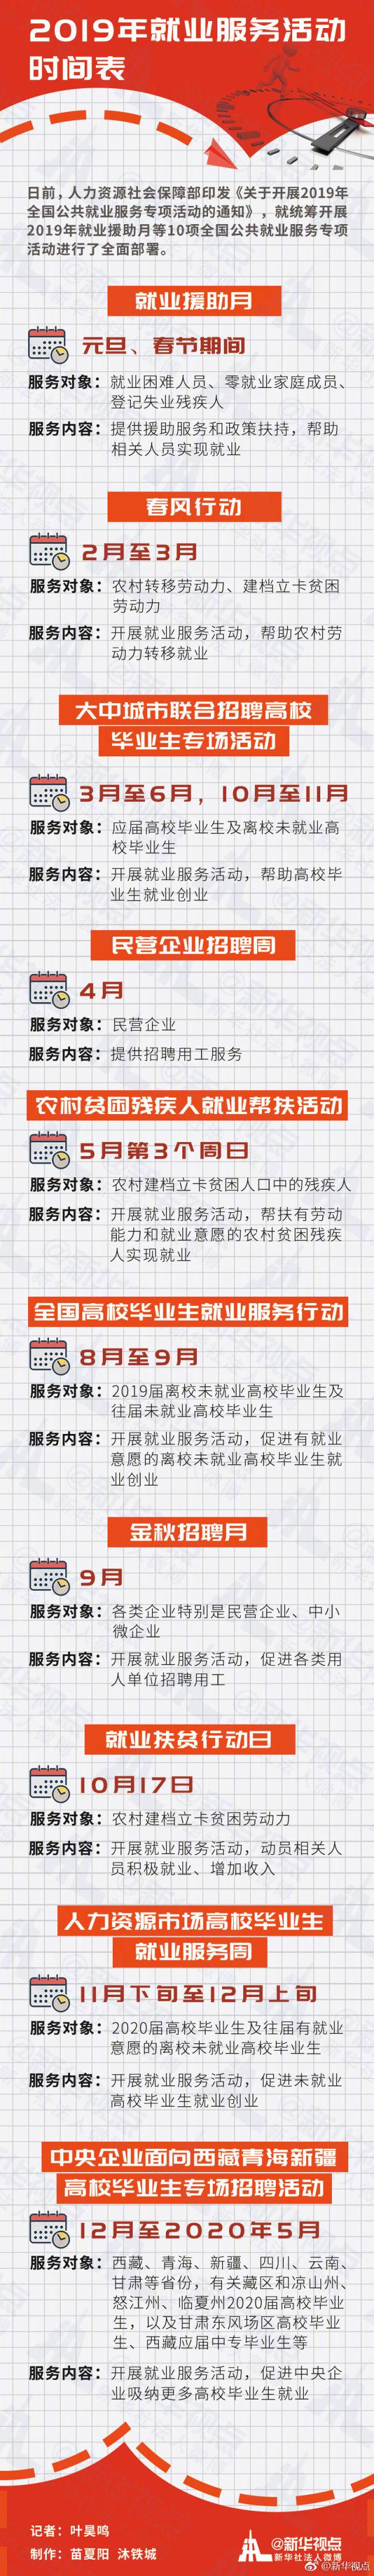 马住!收好这份就业服务活动时间表,明年找工作不发愁 新湖南www.hunanabc.com